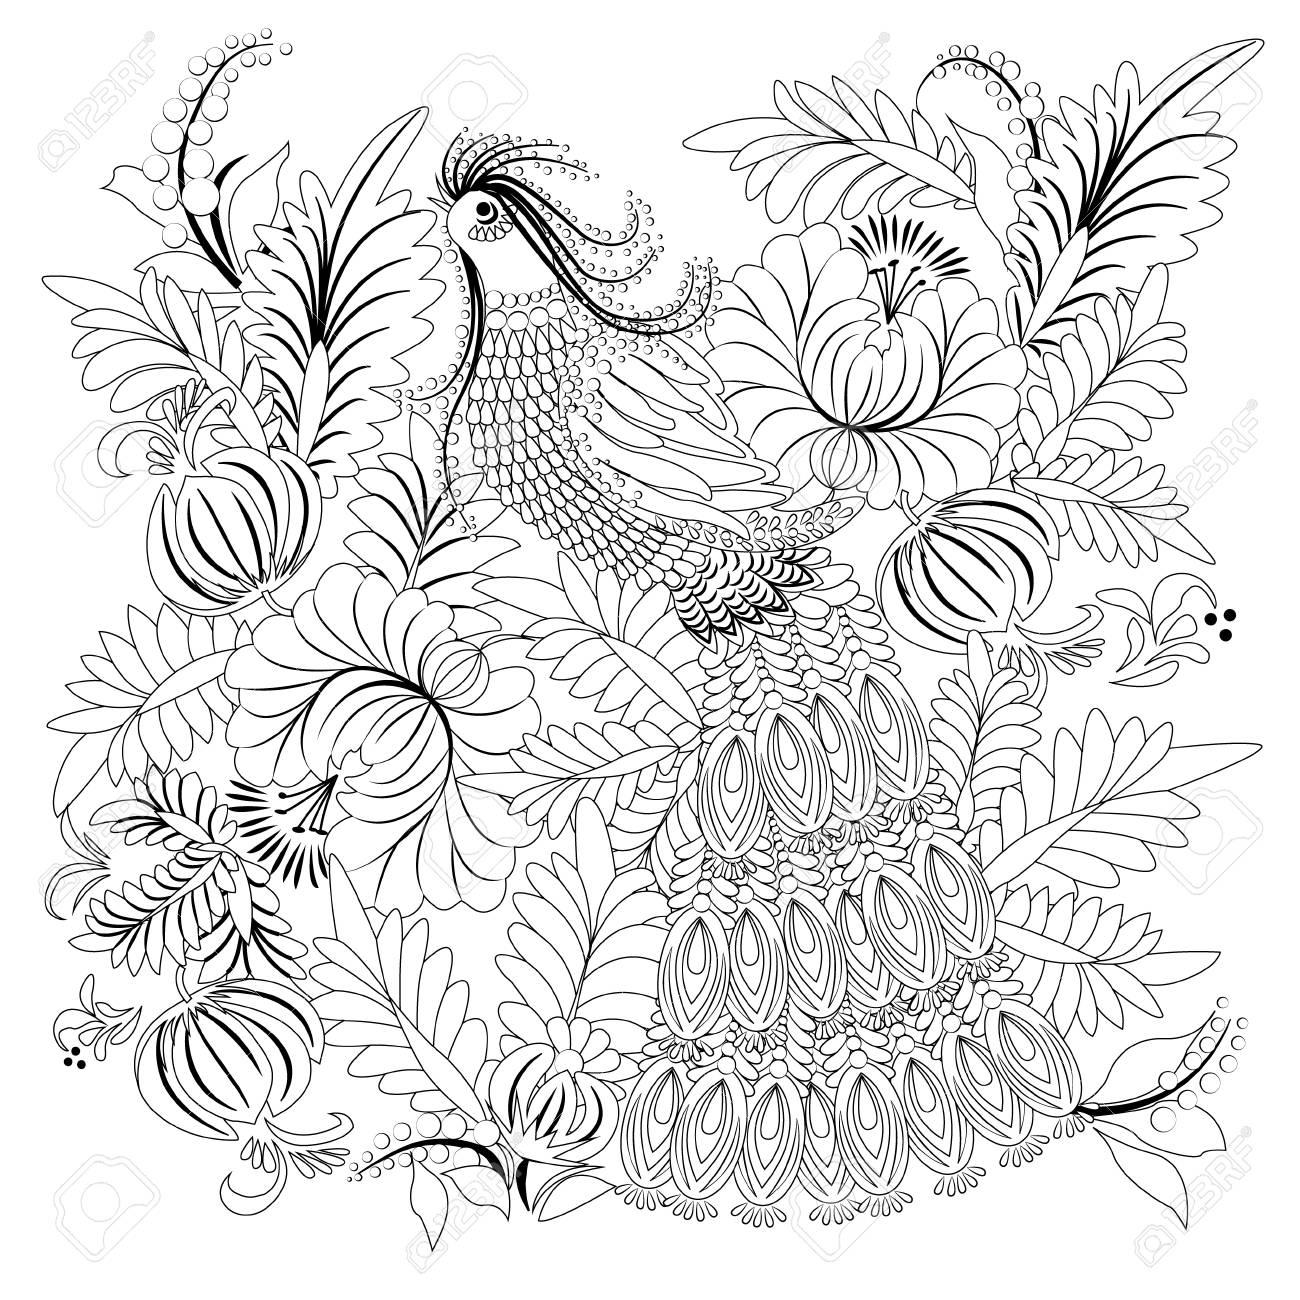 Kleurplaten Over Vogels.Tropische Wilde Vogel Kleurboek Voor Volwassen En Oudere Kinderen Kleurplaat Overzicht Vectorillustratie